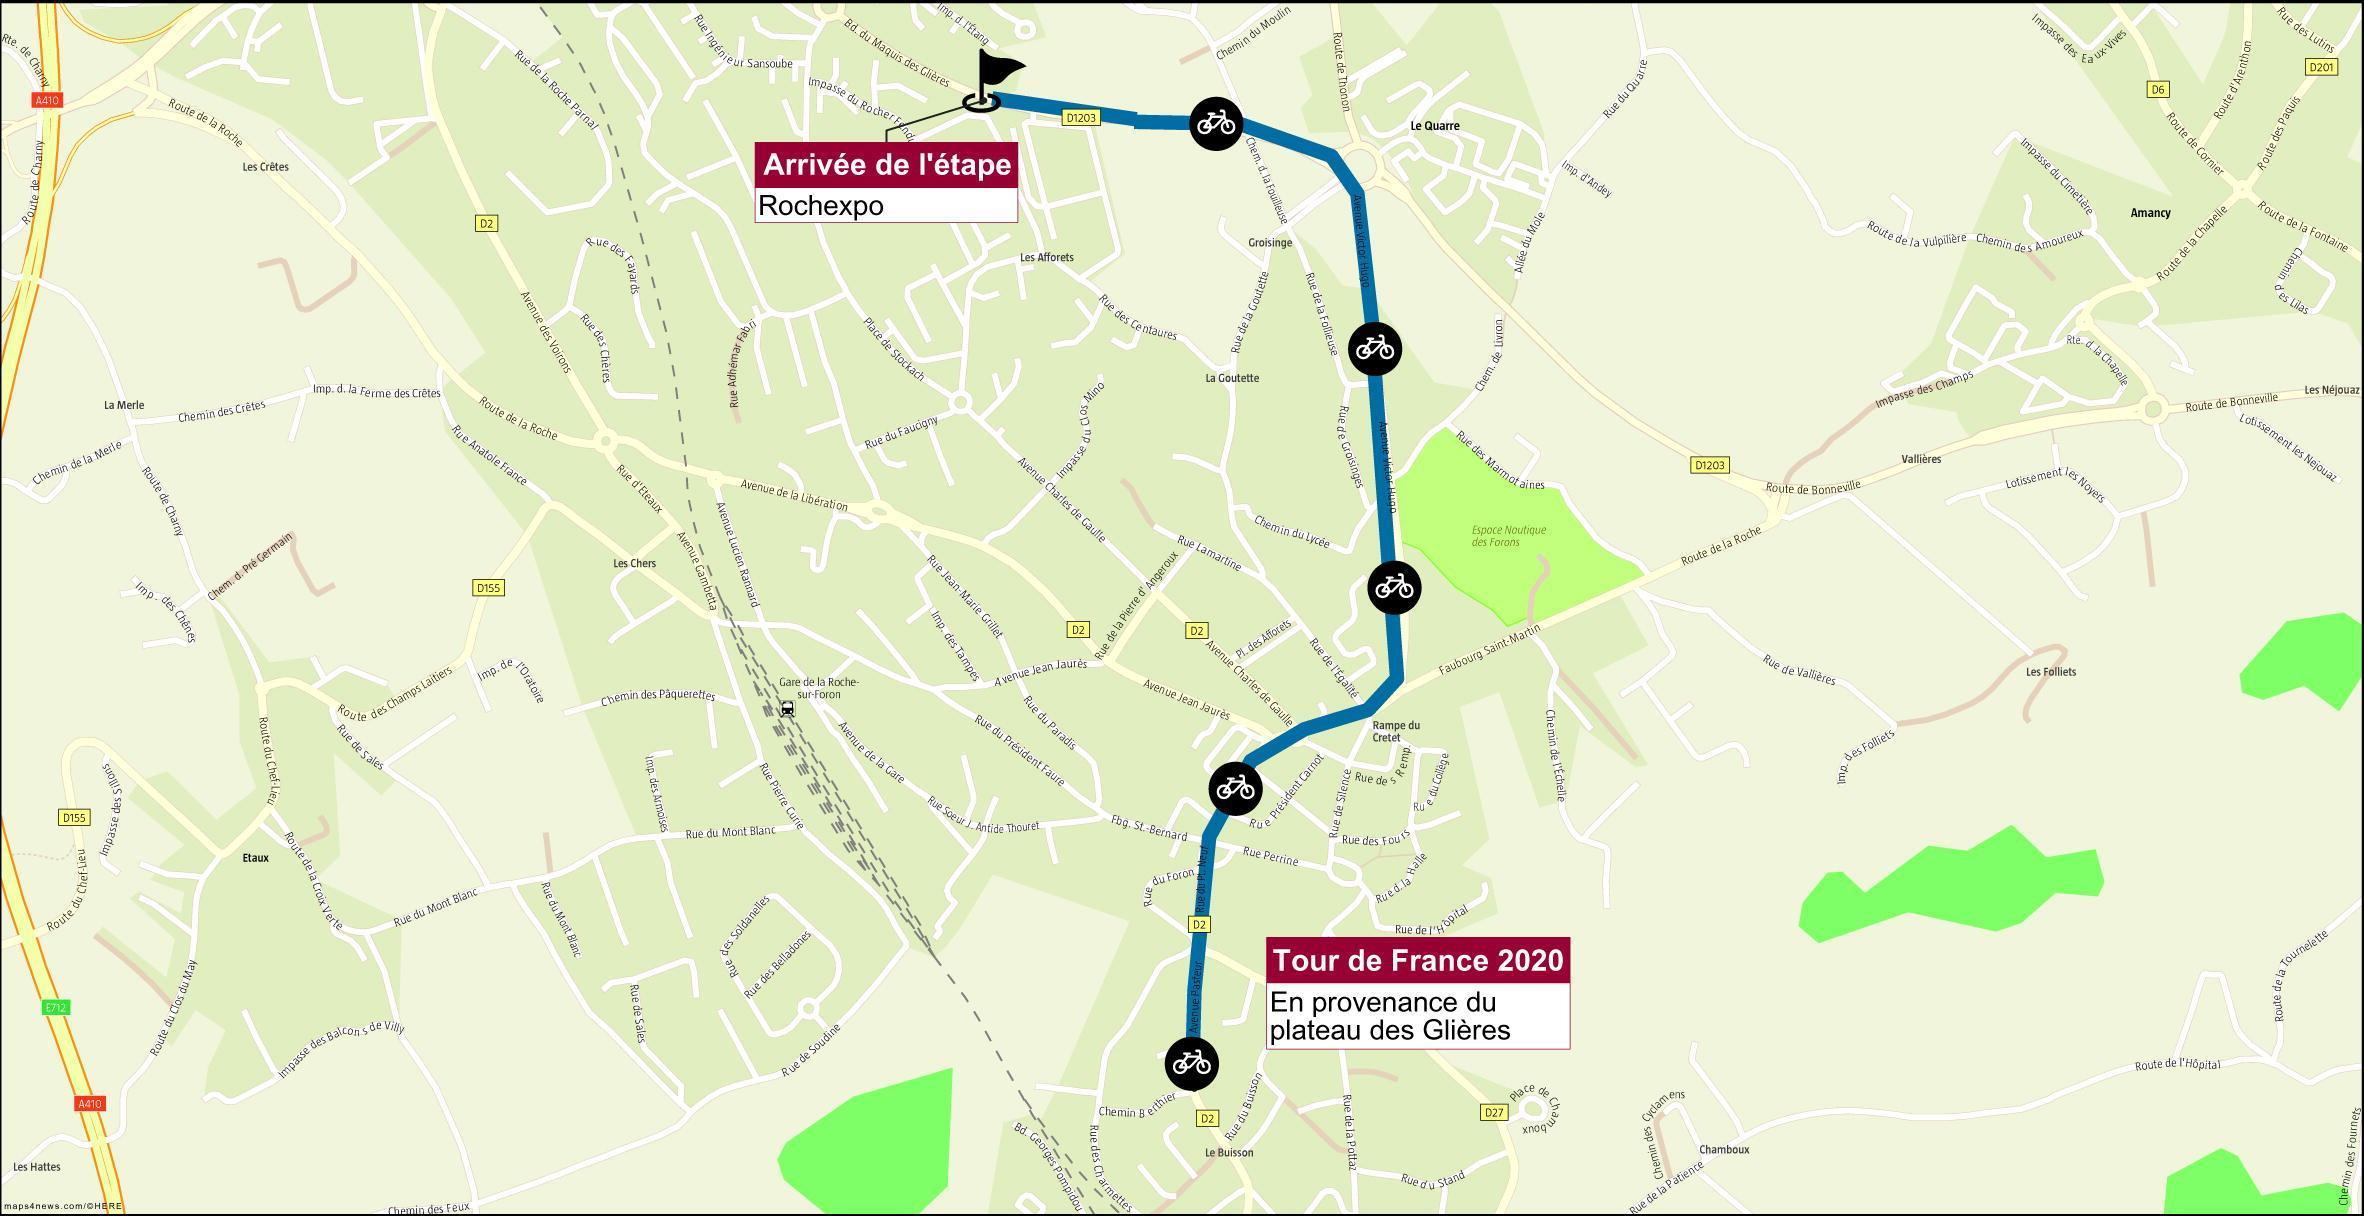 Le Tour de France 2020 fera étape à La Roche-sur-Foron, à hauteur de Rochexpo.